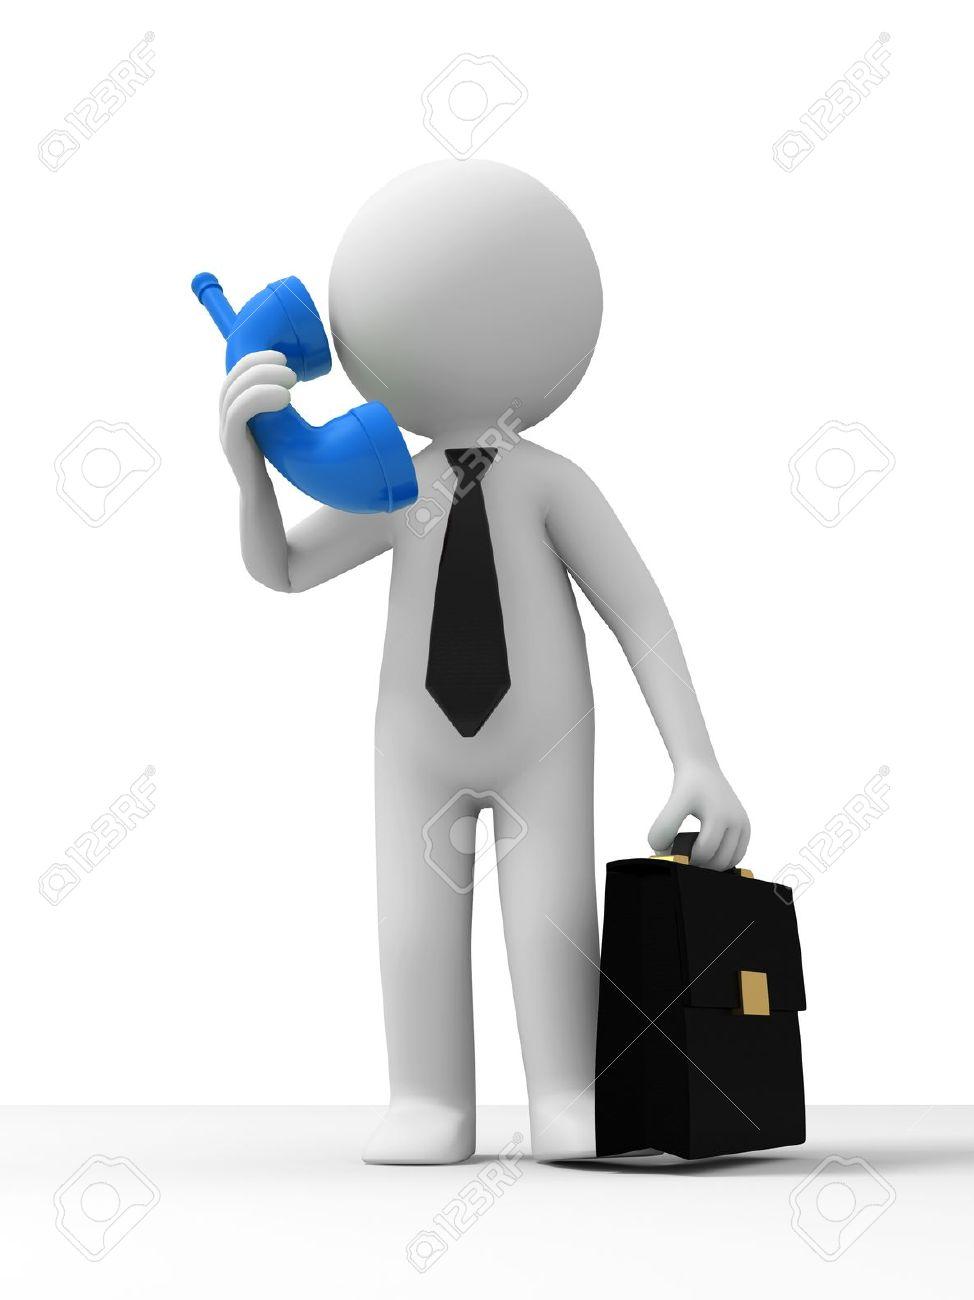 Strojimport.de kontakt service